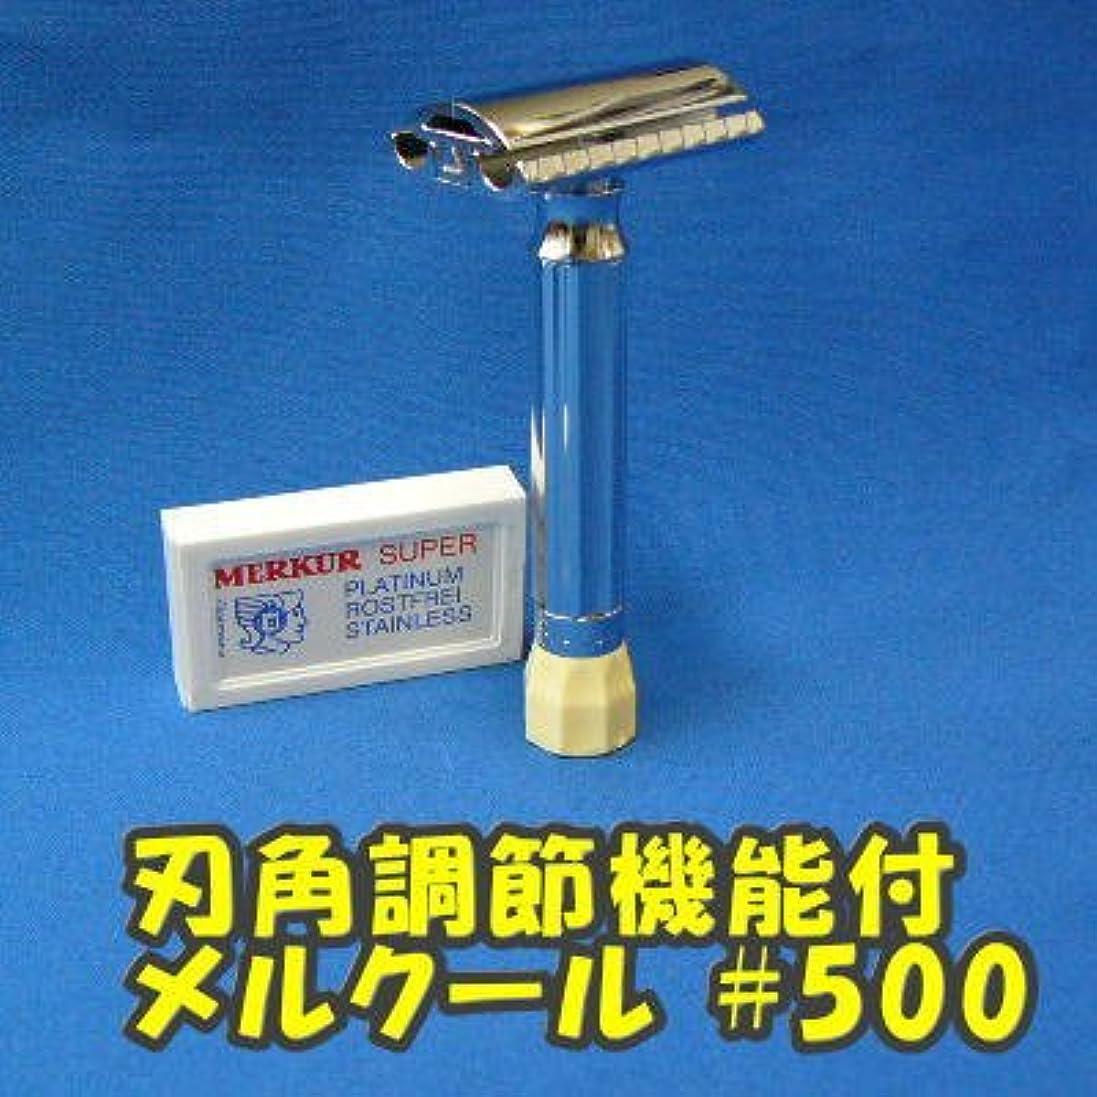 先史時代のキャリア引き金メルクール髭剃り(ひげそり)570 PROGRESS(プログレス)